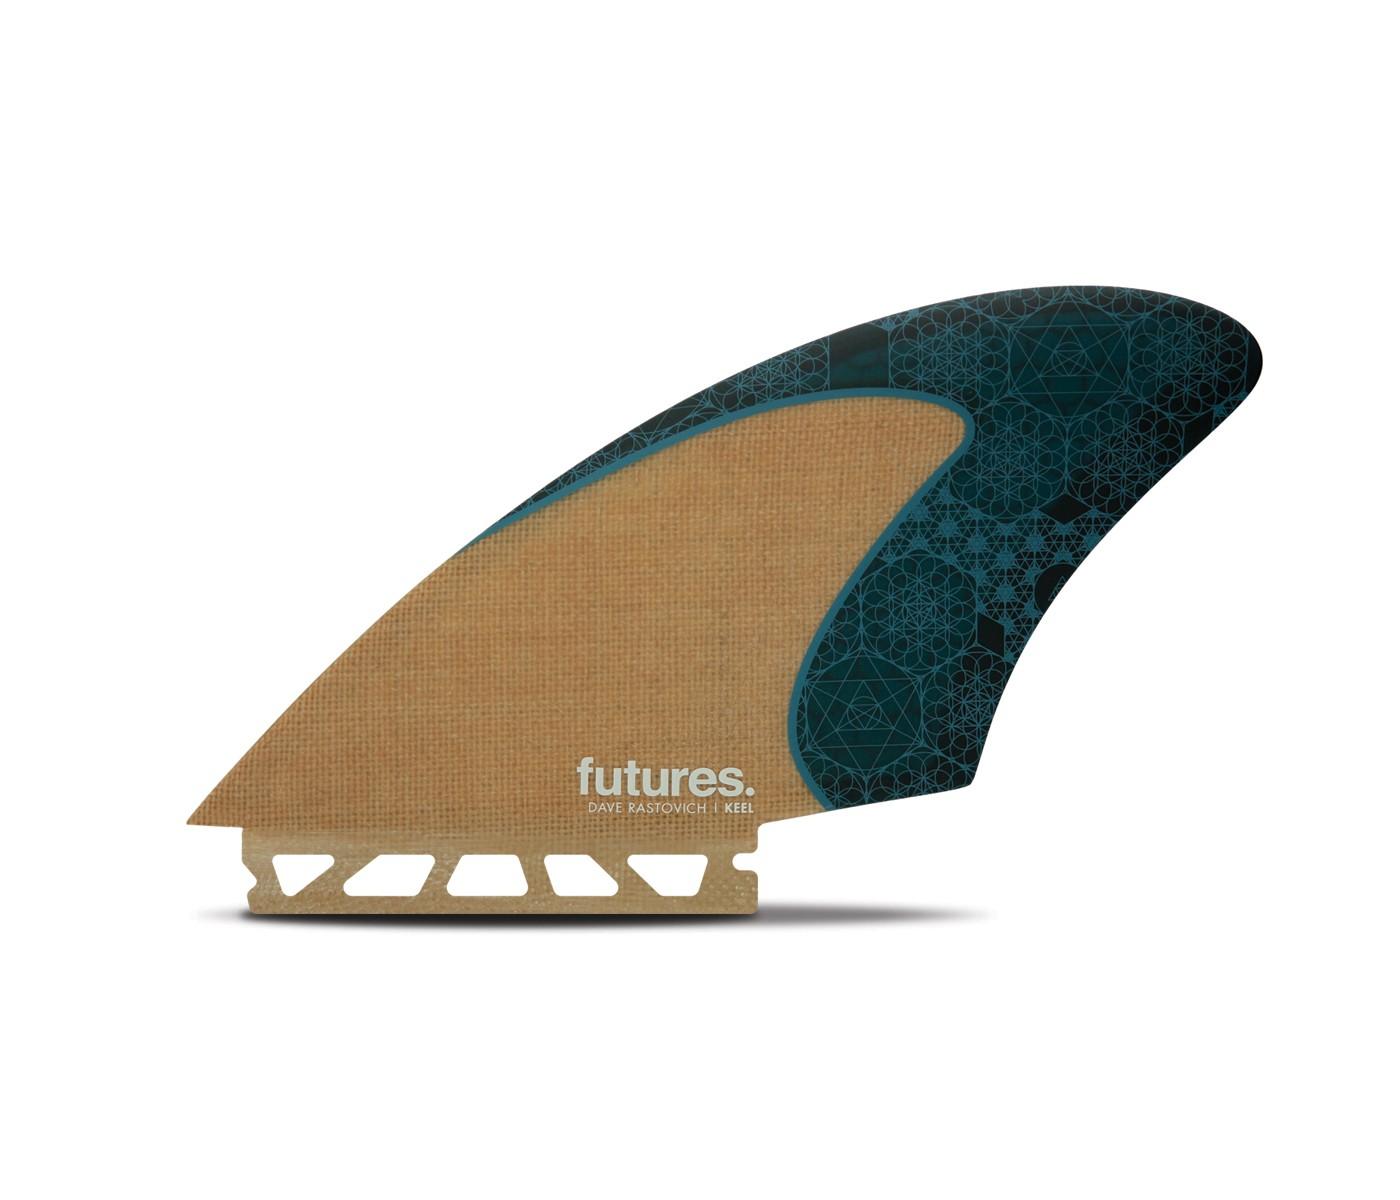 ロブマチャドやジョンジョンフローレンス、ジョディースミス等が愛用しているフューチャーフィン FUTURE FIN Dave Rastovich ラスタビッチ keel キールフィン モデル発売!